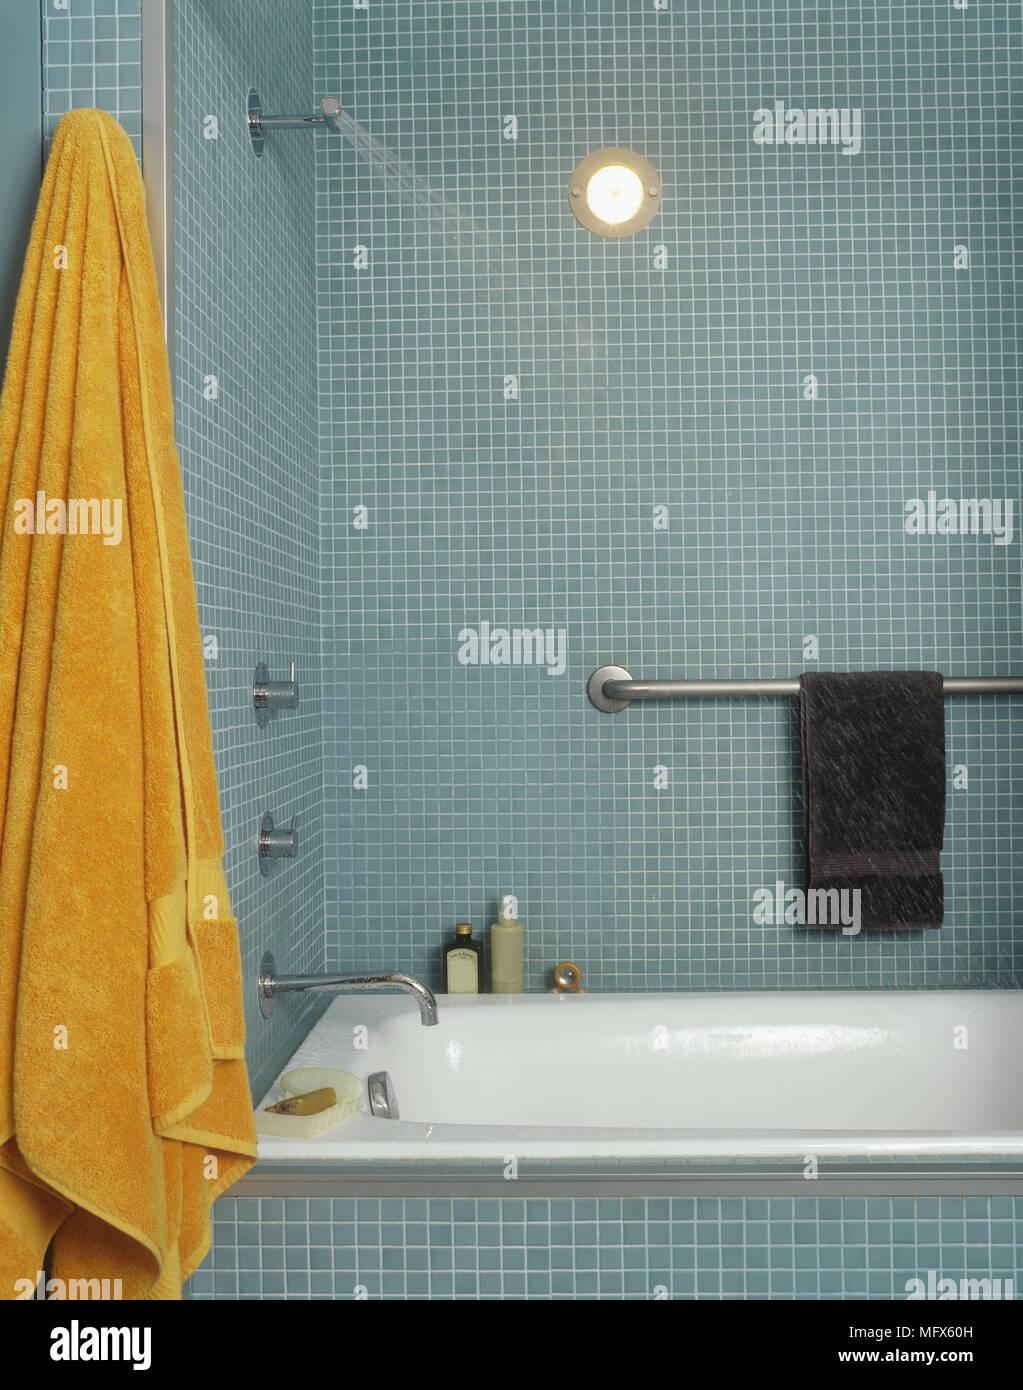 Ein modernes Badezimmer Fliesen- wände mit Mosaik Fliesen Bad ...